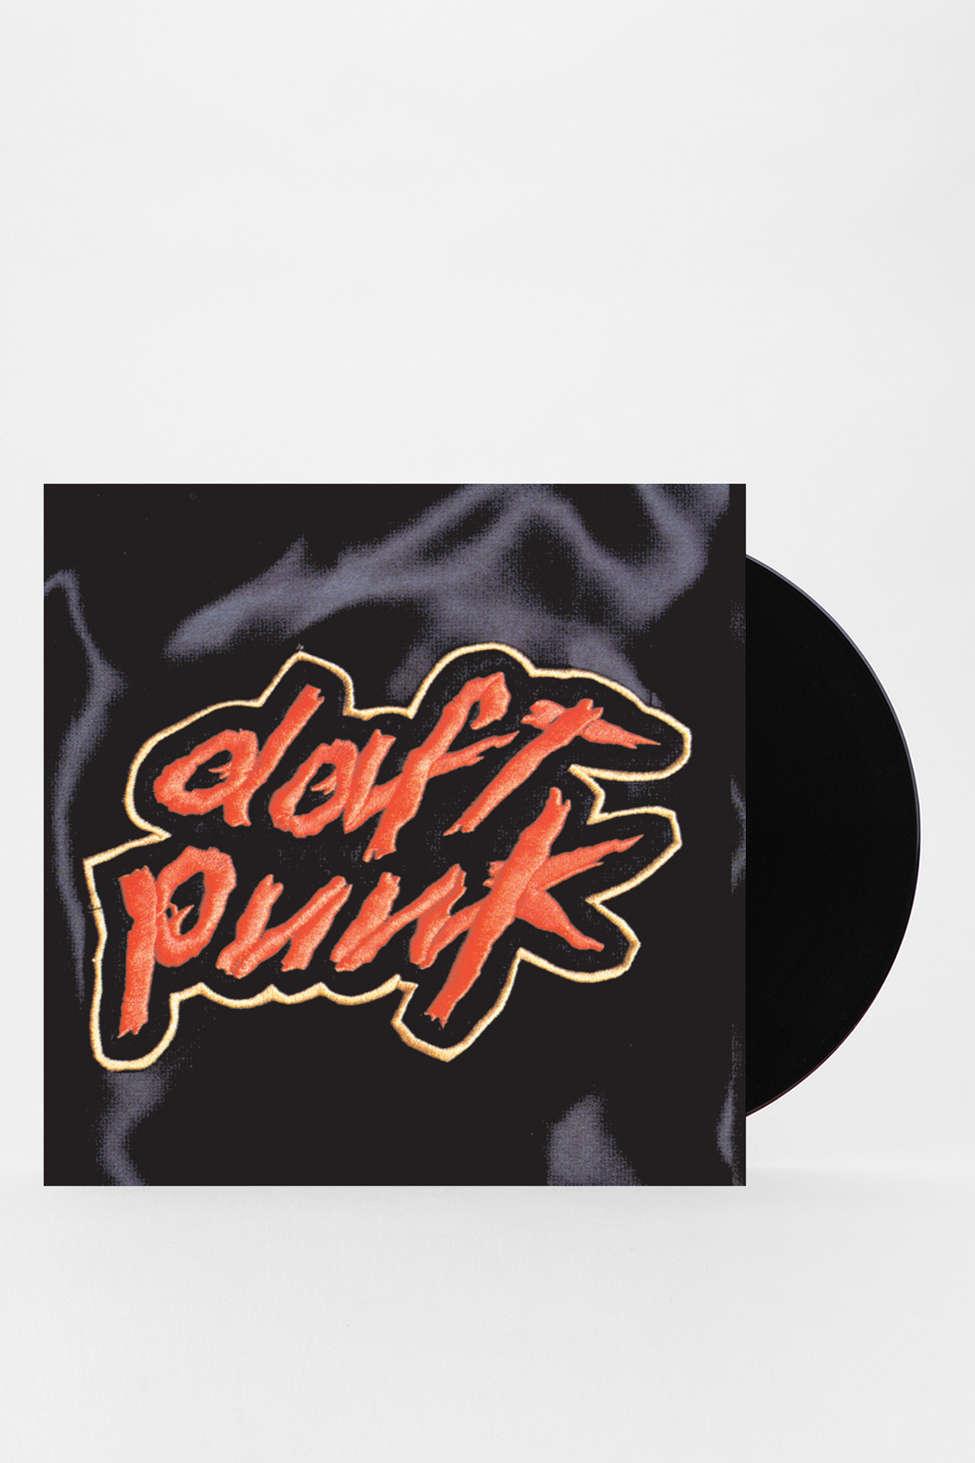 Daft Punk - Homework LP - Urban Outfitters